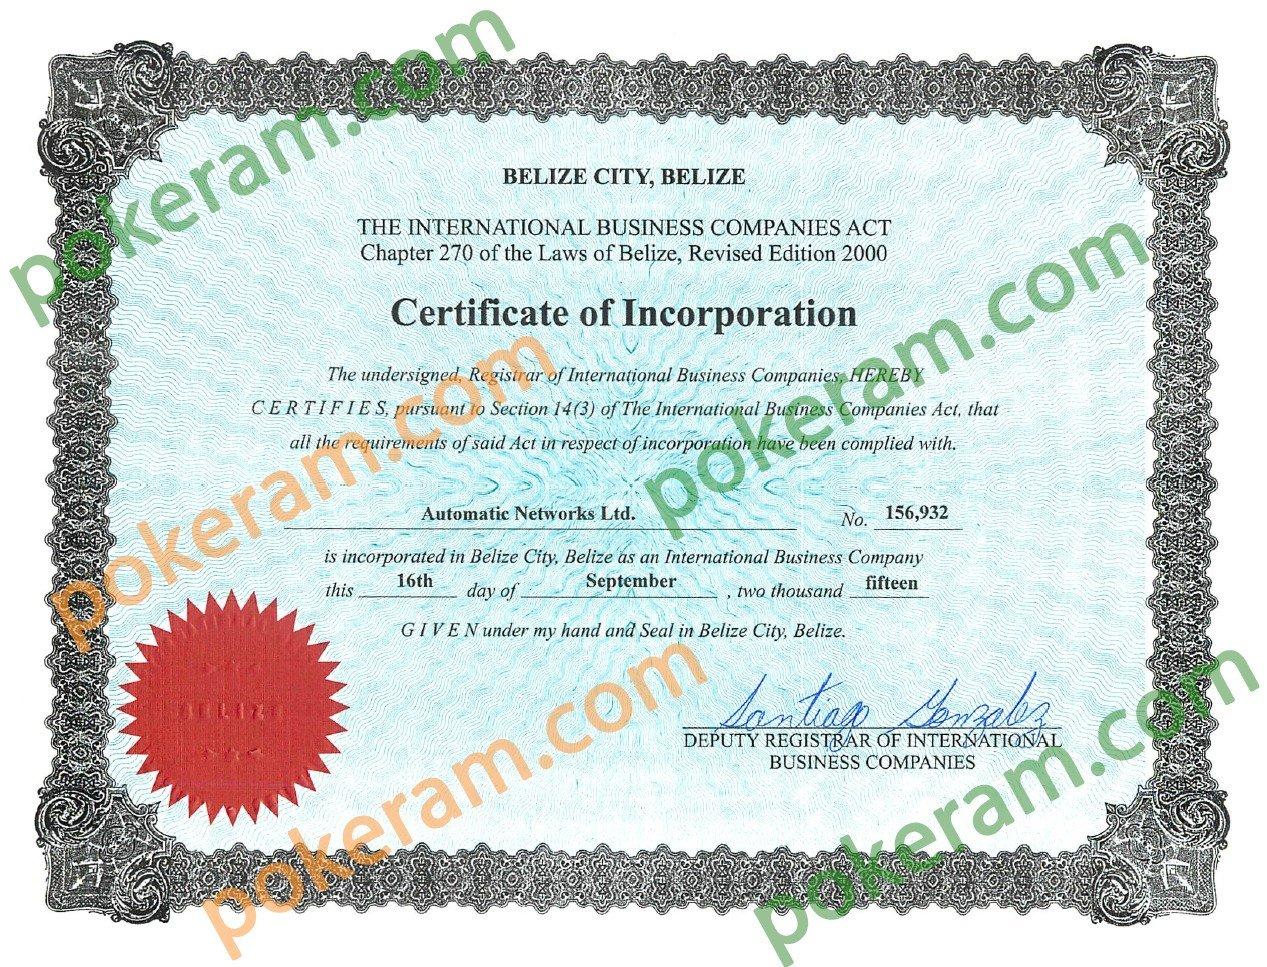 Esta imagen muestra un certificado de registro como empresa de Pokeram en Belice